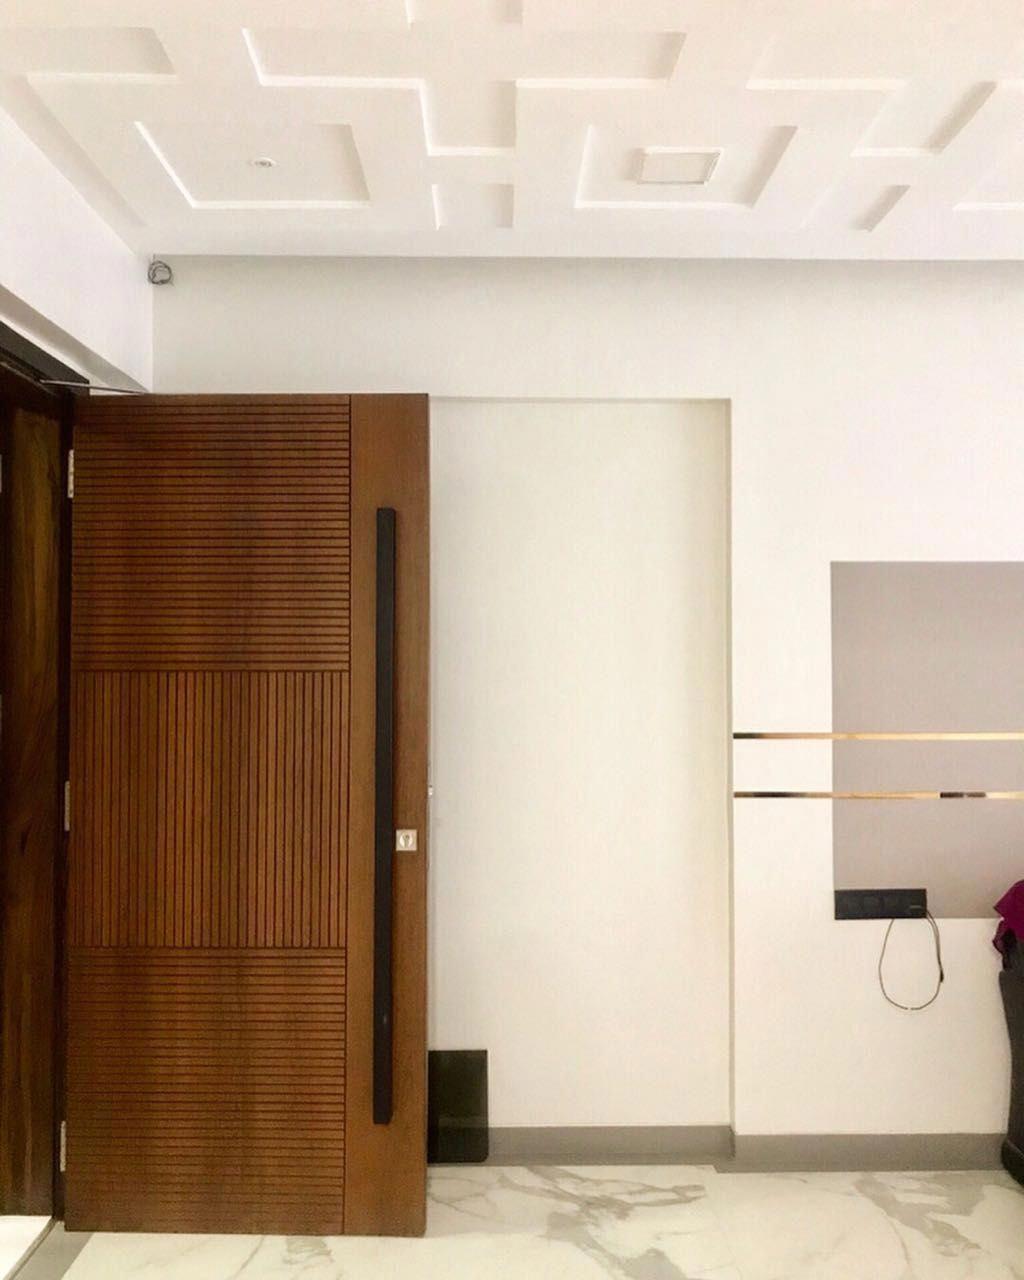 Internal Doors For Sale Solid Wood Bedroom Doors Interior Exterior Doors 20190601 Wooden Doors Interior Doors Interior Modern White Wooden Doors